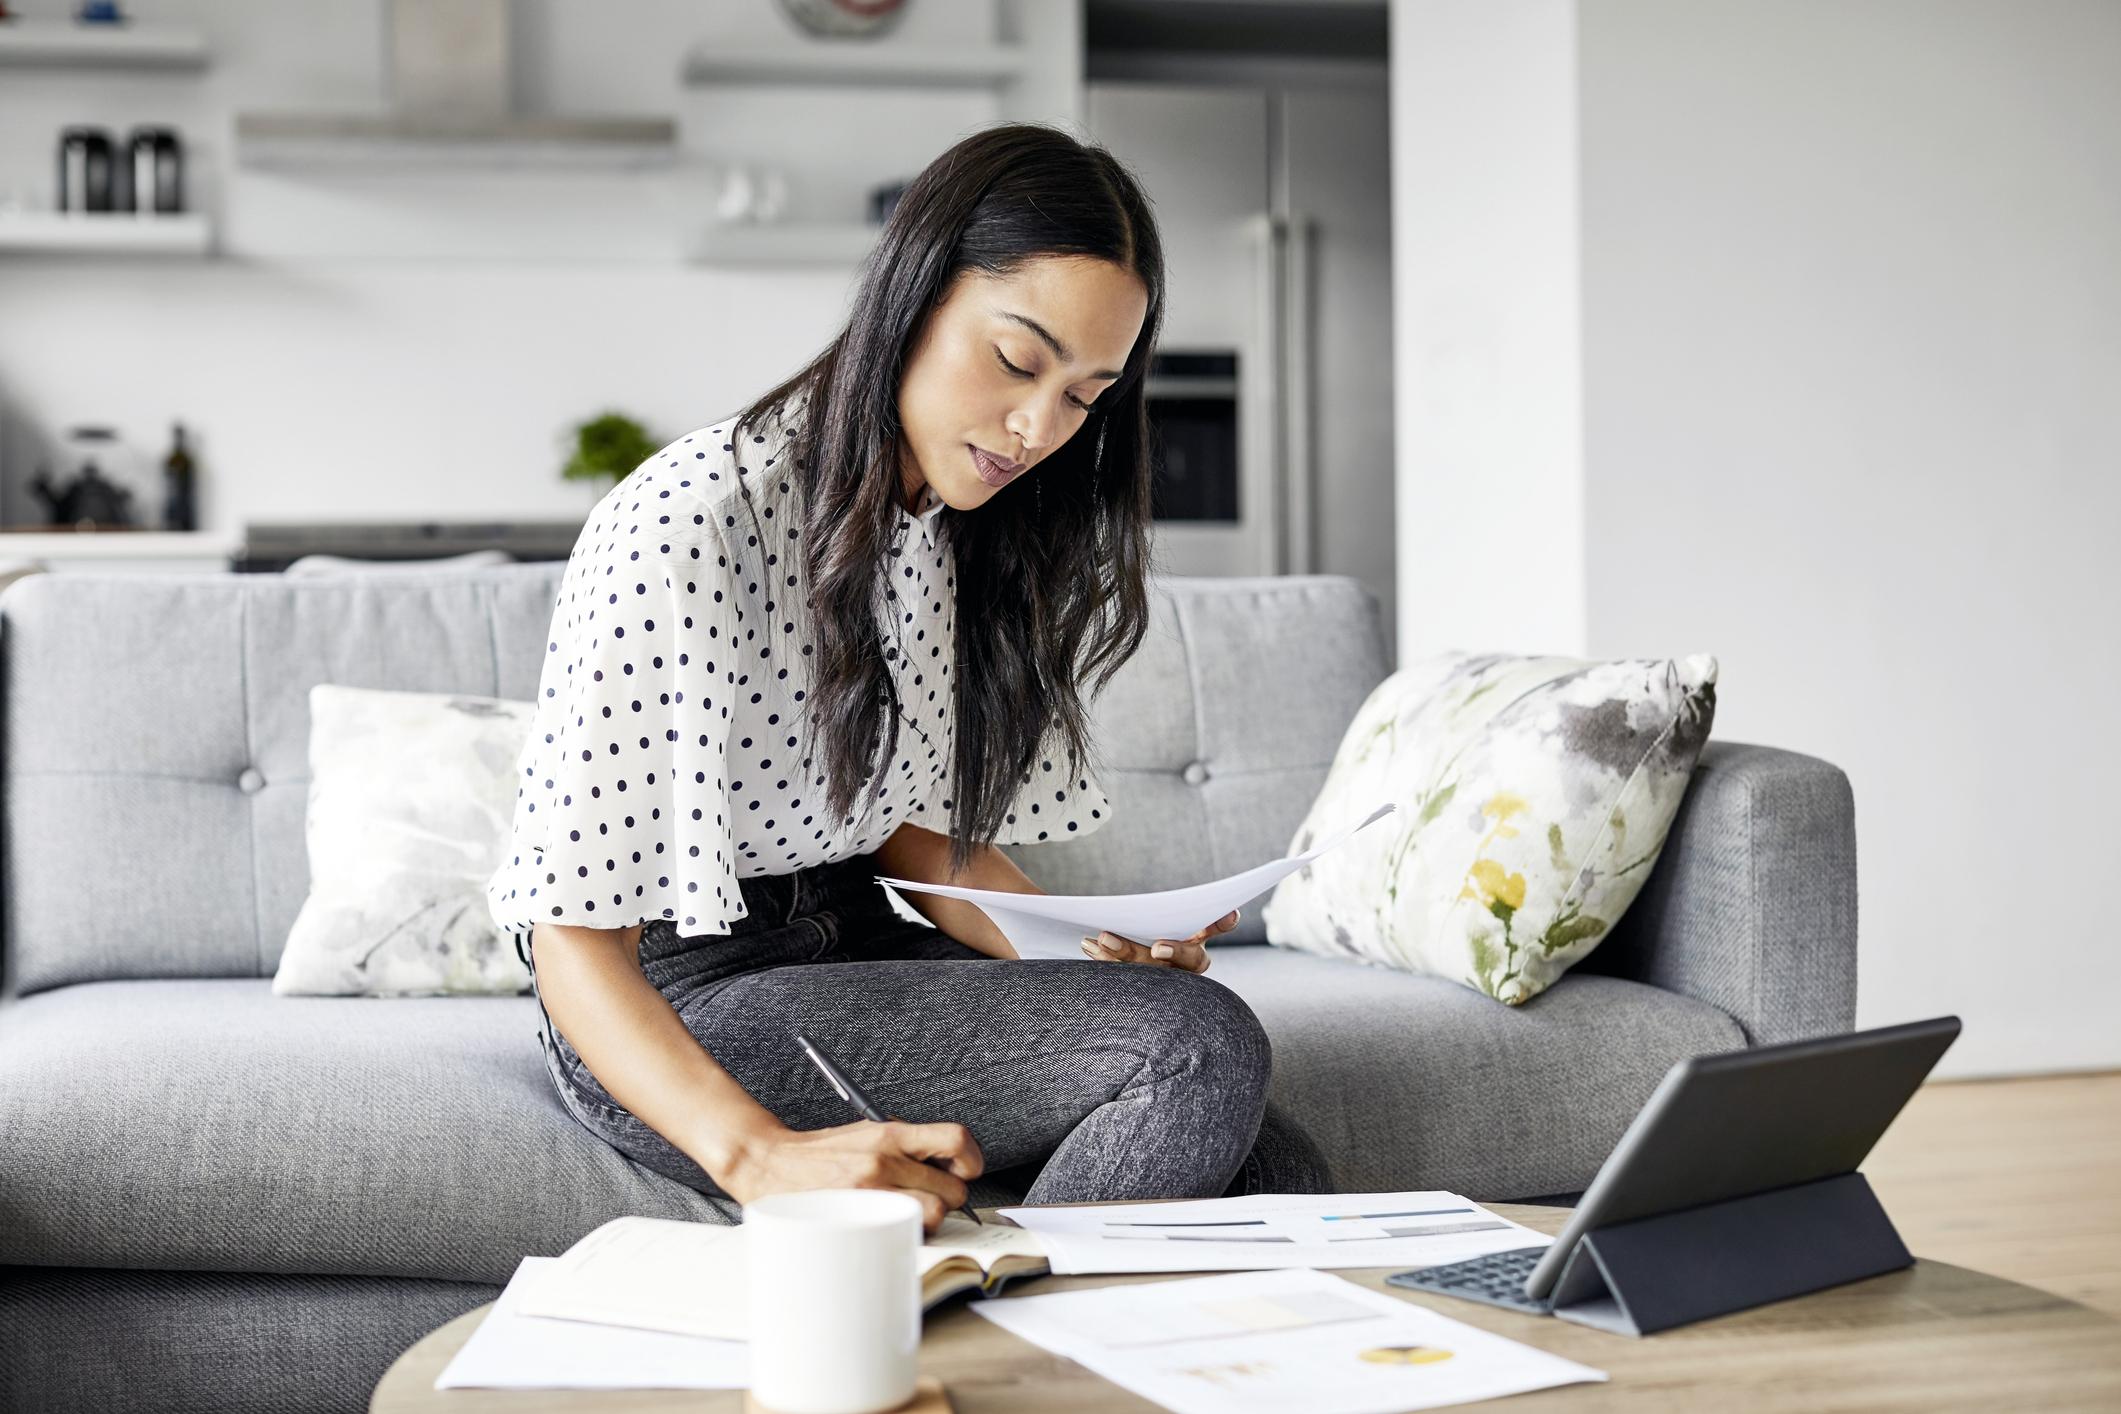 Les femmes moins sereines financièrement